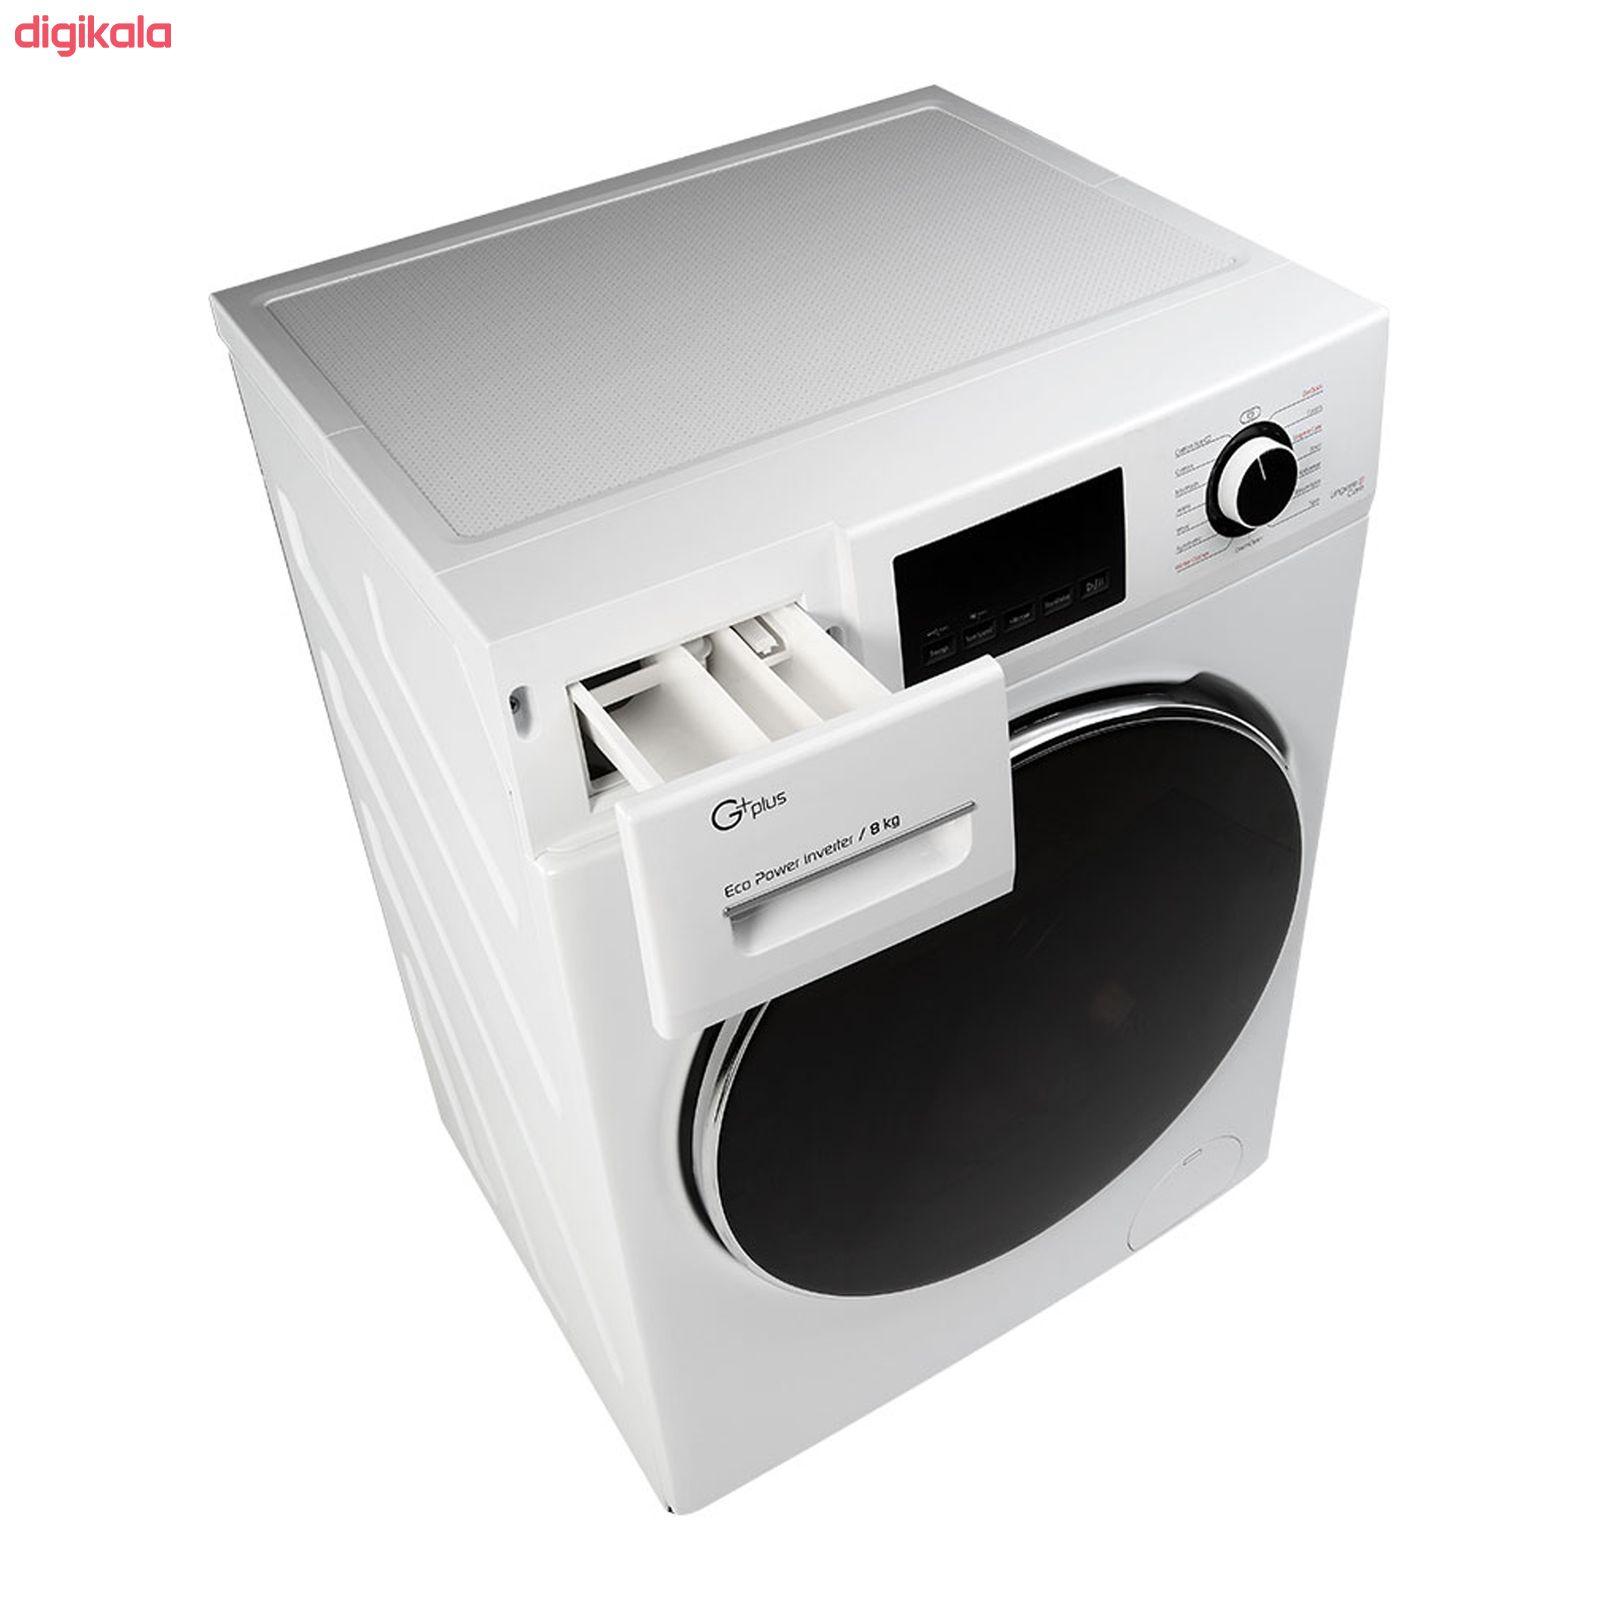 ماشین لباسشویی جی پلاس مدل J8470W ظرفیت 8 کیلوگرم main 1 4